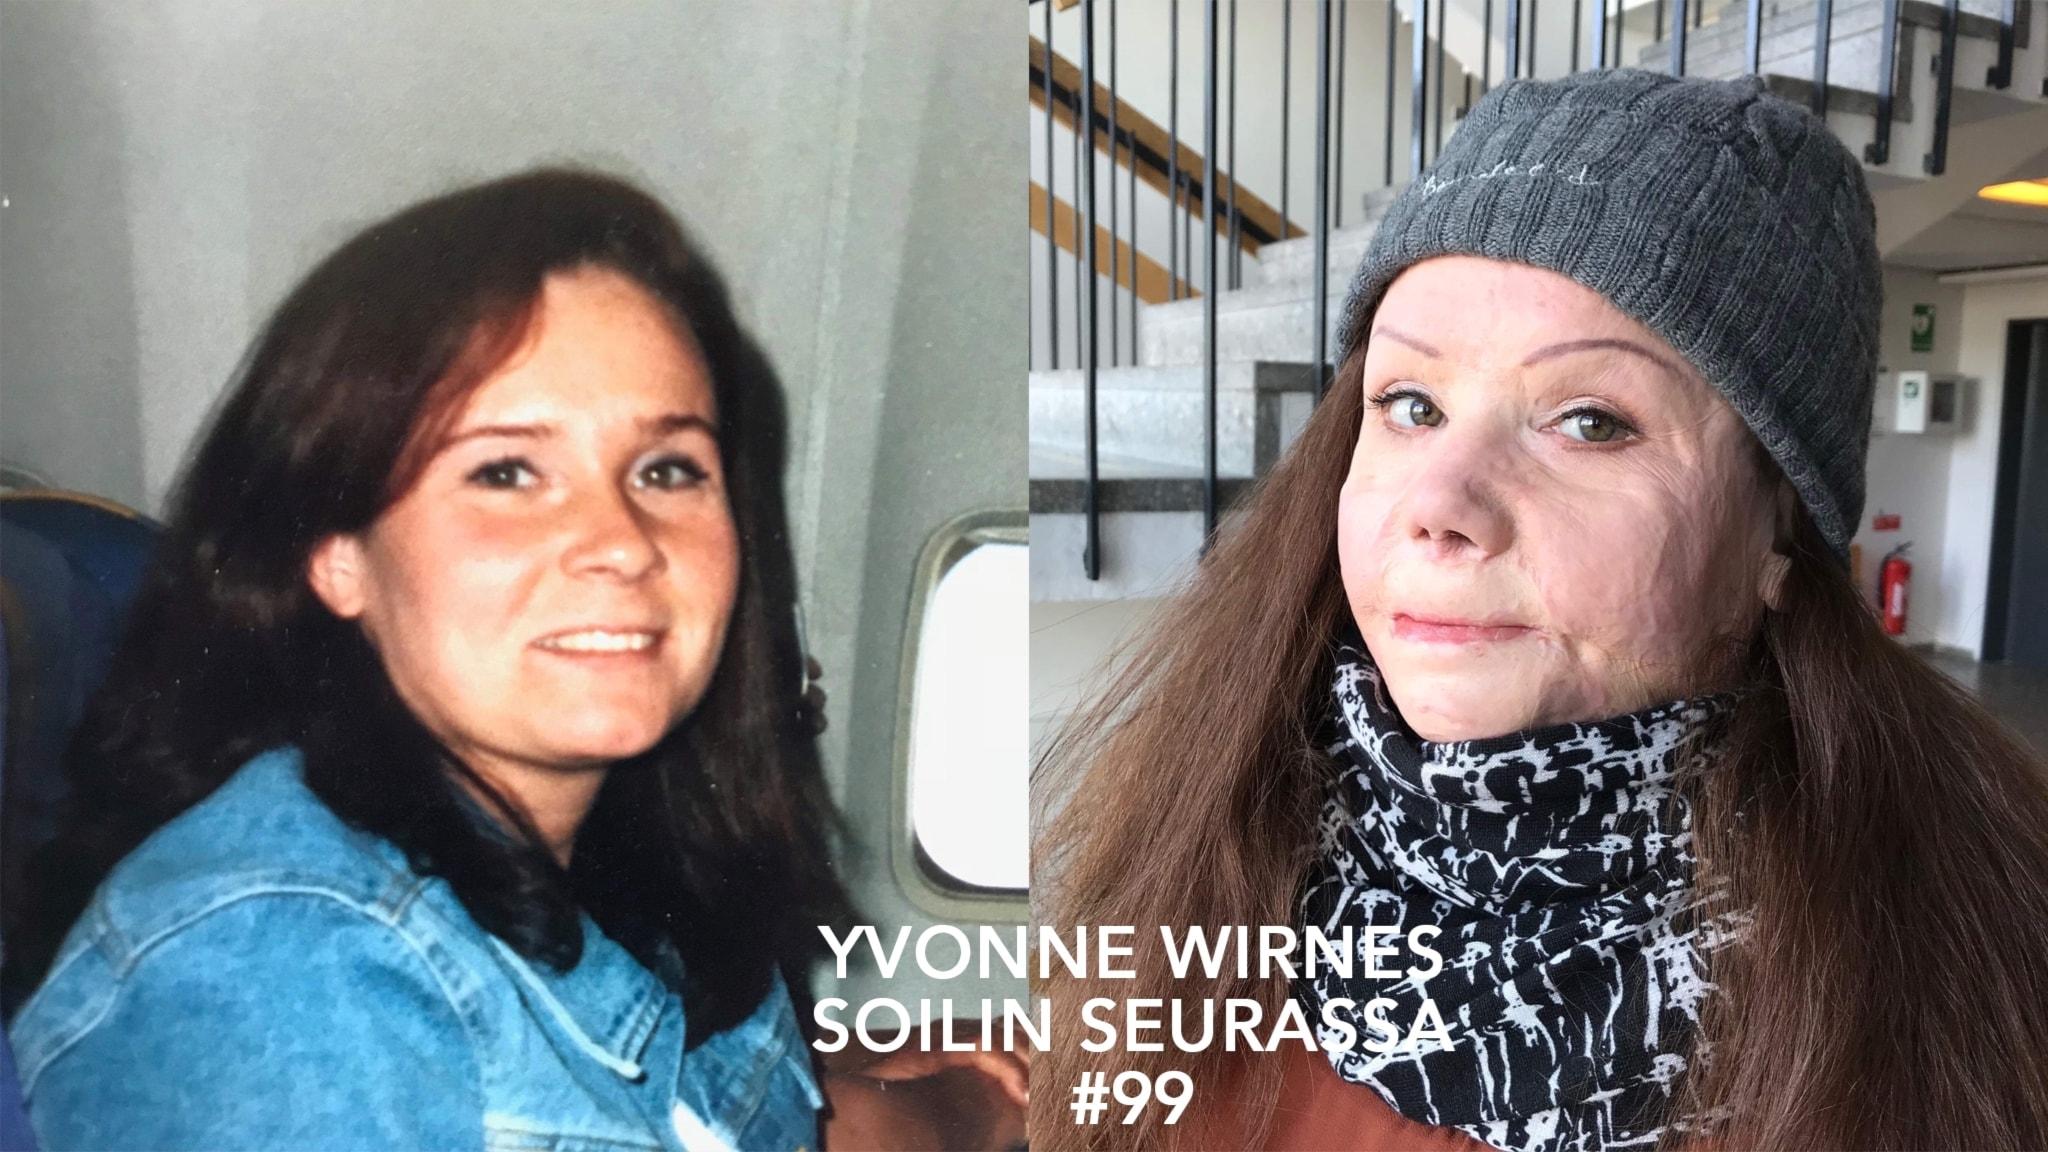 Pahasti palanut Yvonne Wirnes 13 vuotta tuhopolton jälkeen: lähdin heti sairaalasta päästyäni ihmisten ilmoille, en jäänyt kotiin piiloon.